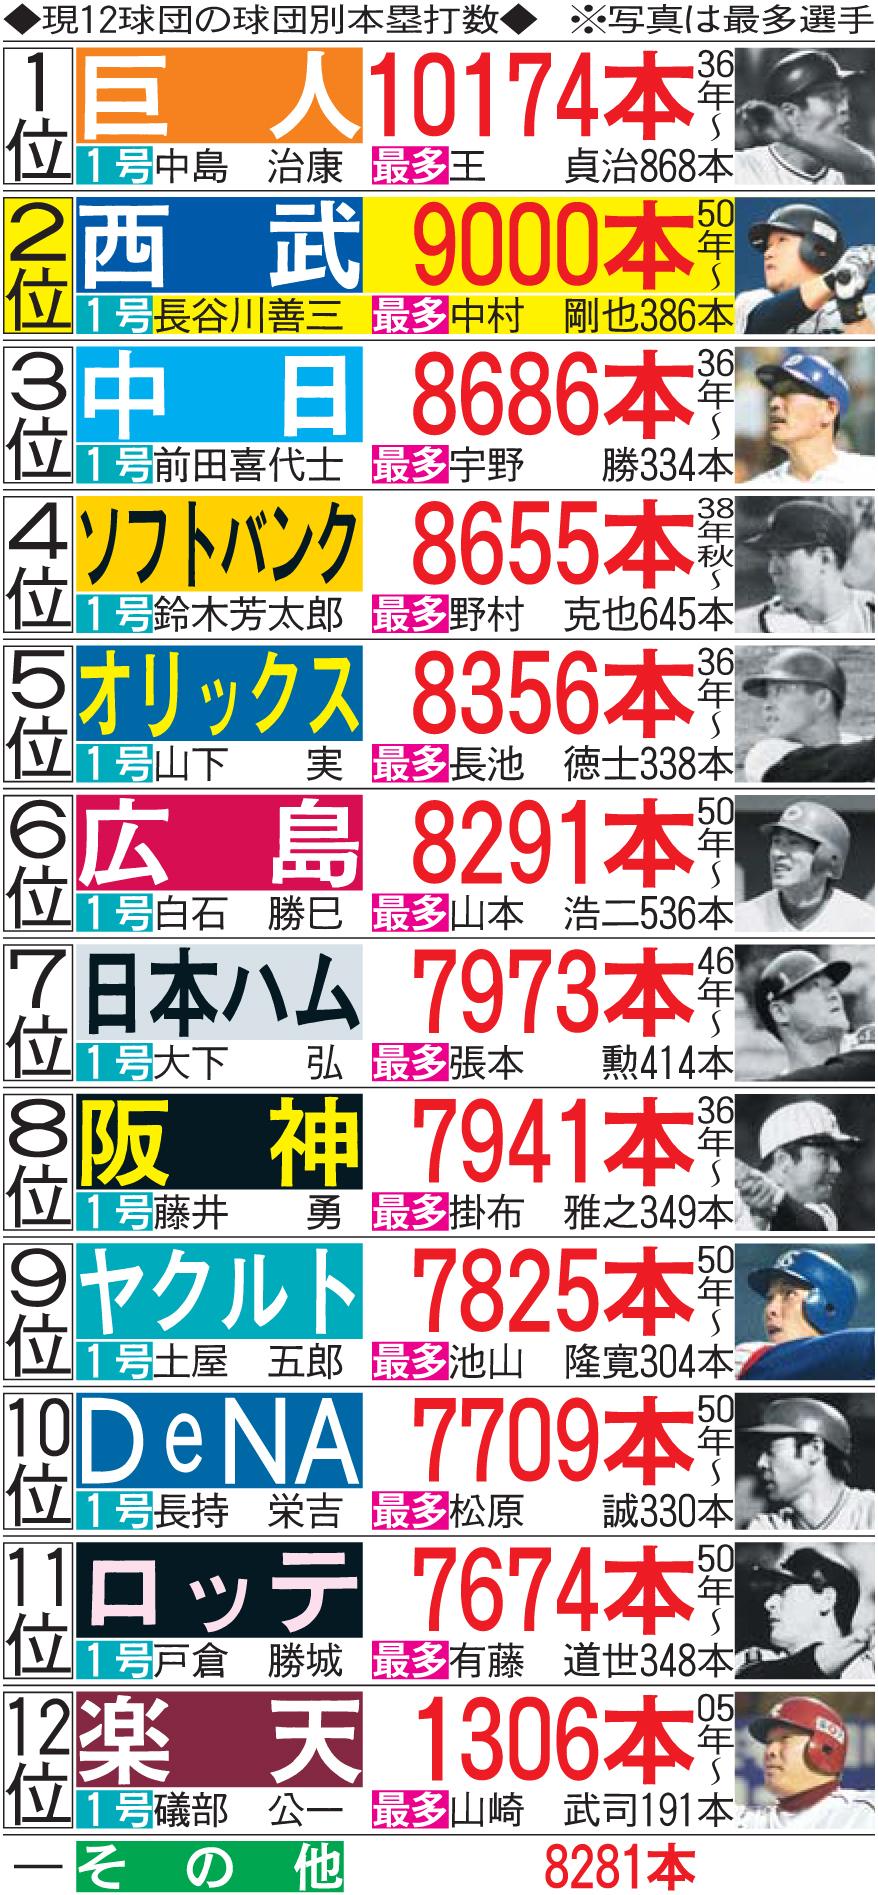 西武9000号 最多は巨人/球団別本塁打数 - プロ野球 : 日刊スポーツ